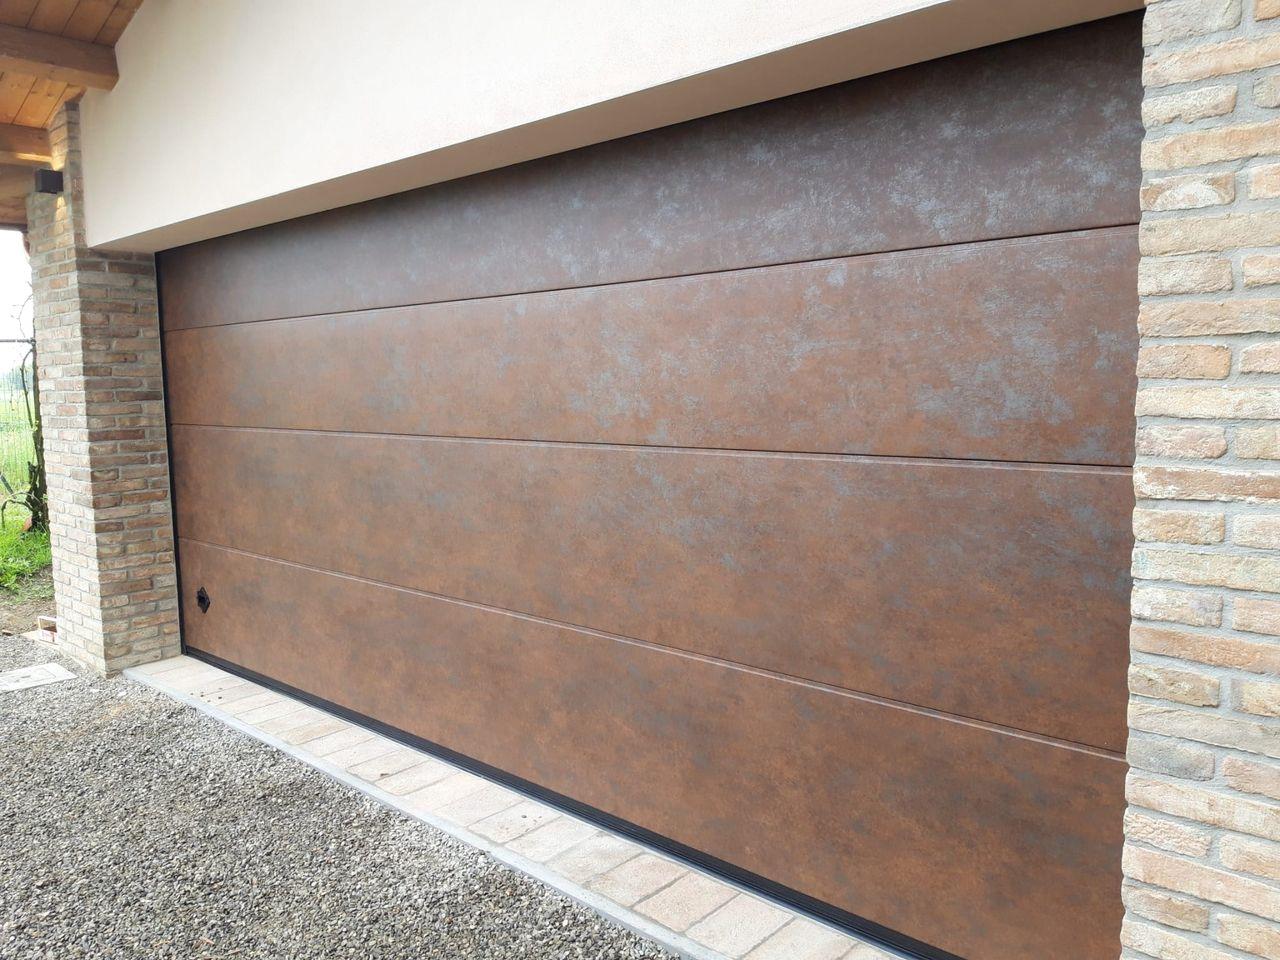 Porte sezionali Simil legno e Corten Mantova Modena Reggio Emilia Verona